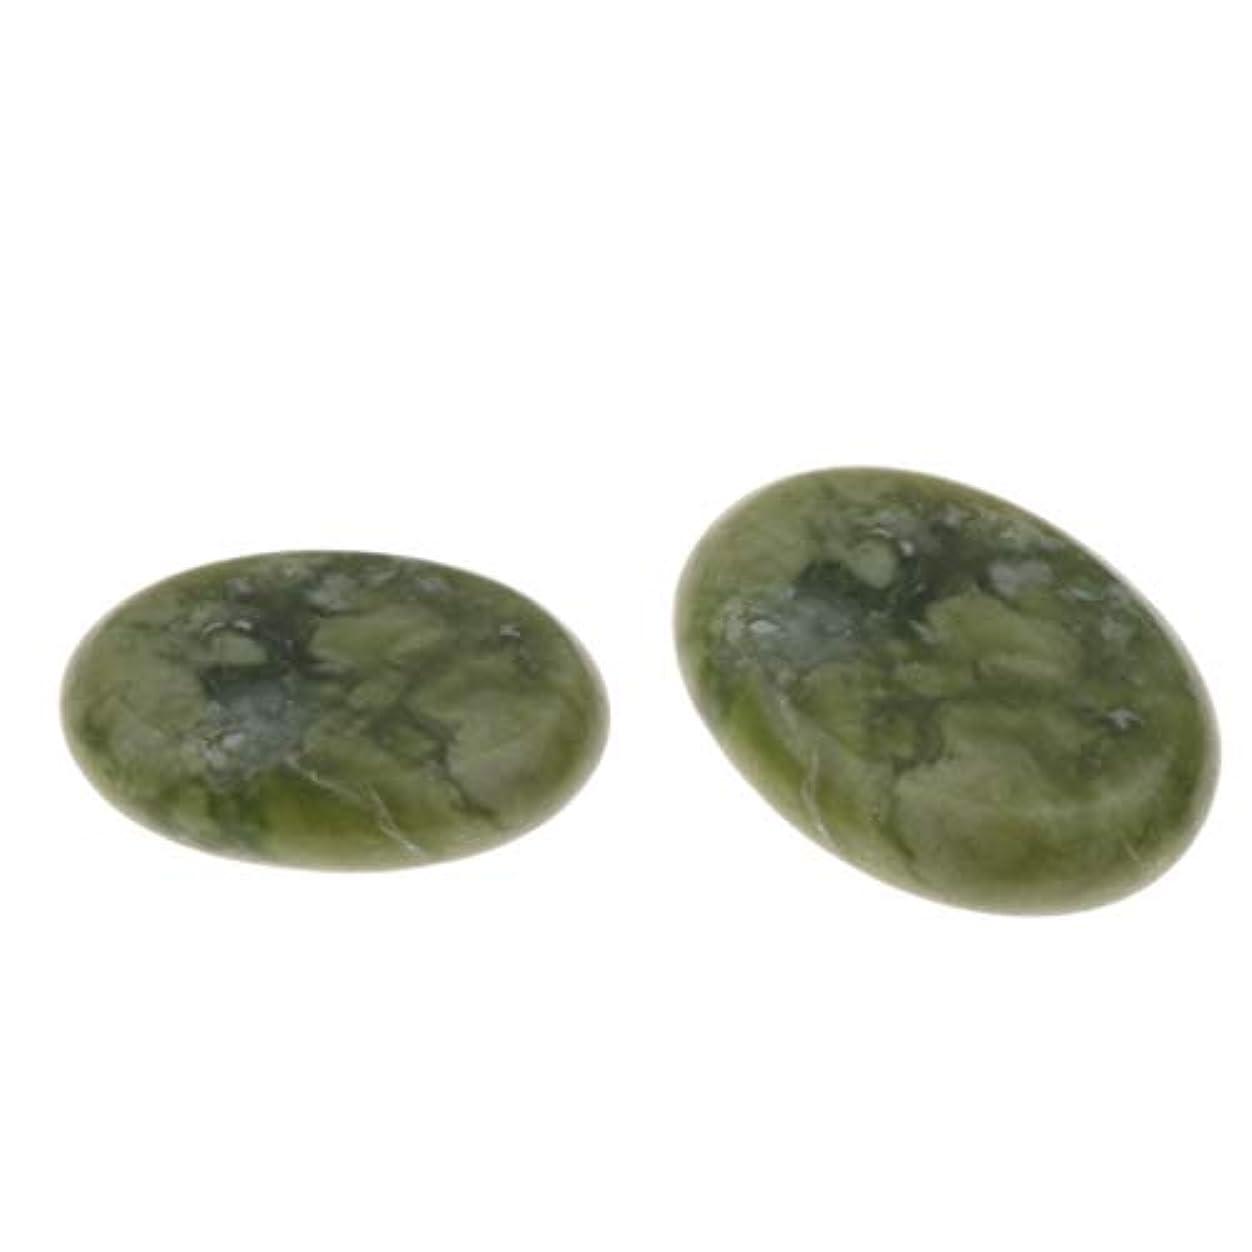 熱意グリース促進するマッサージストーン 玉ホットマッサージ石用 6×8センチ 2ピース